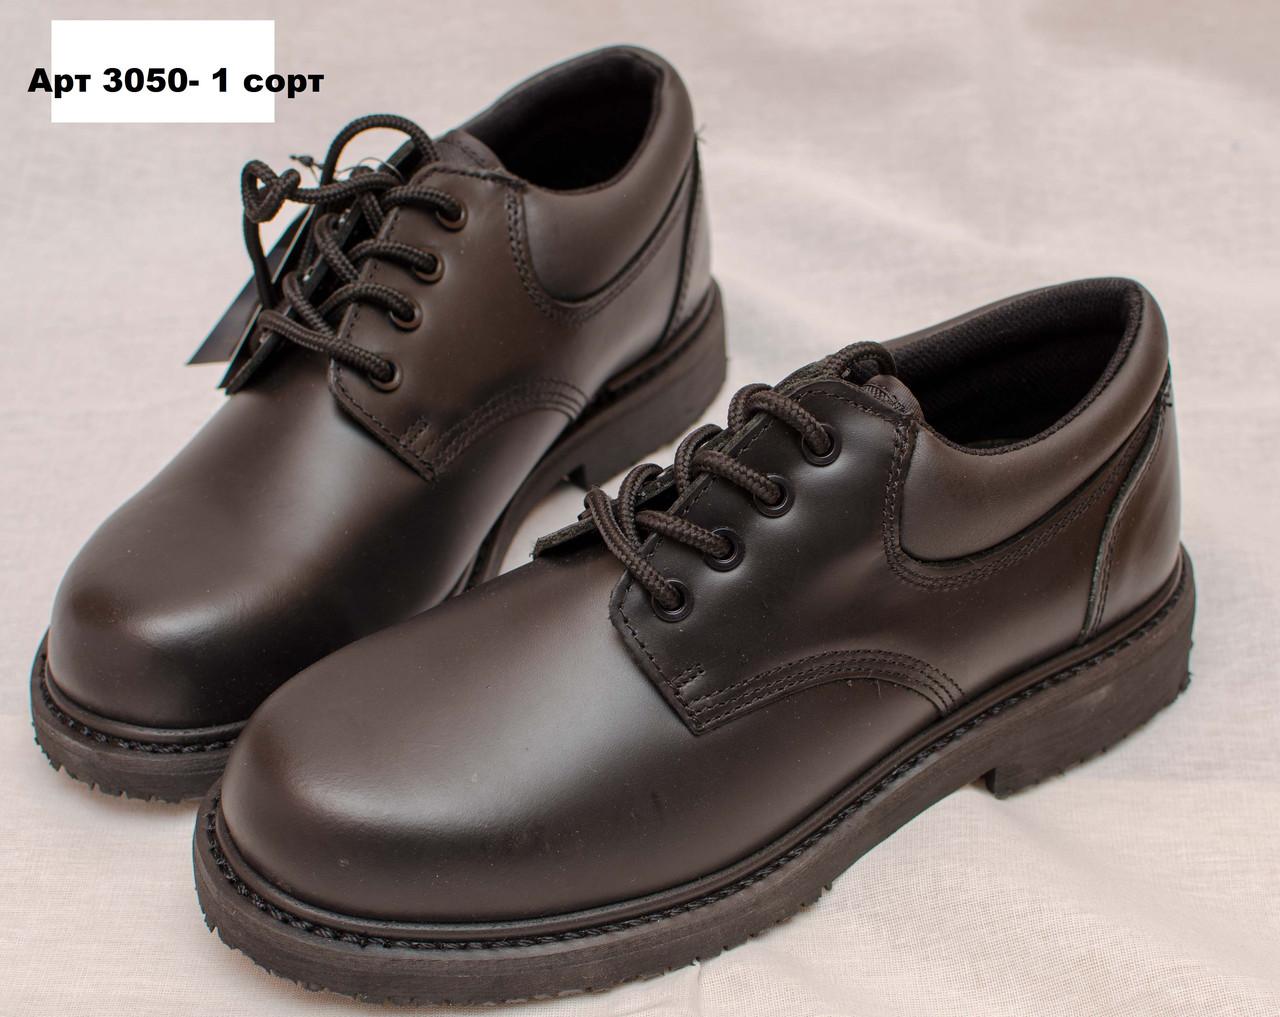 Туфли офицерские   Полиции Великобритания  оригинал Б/У 1 сорт